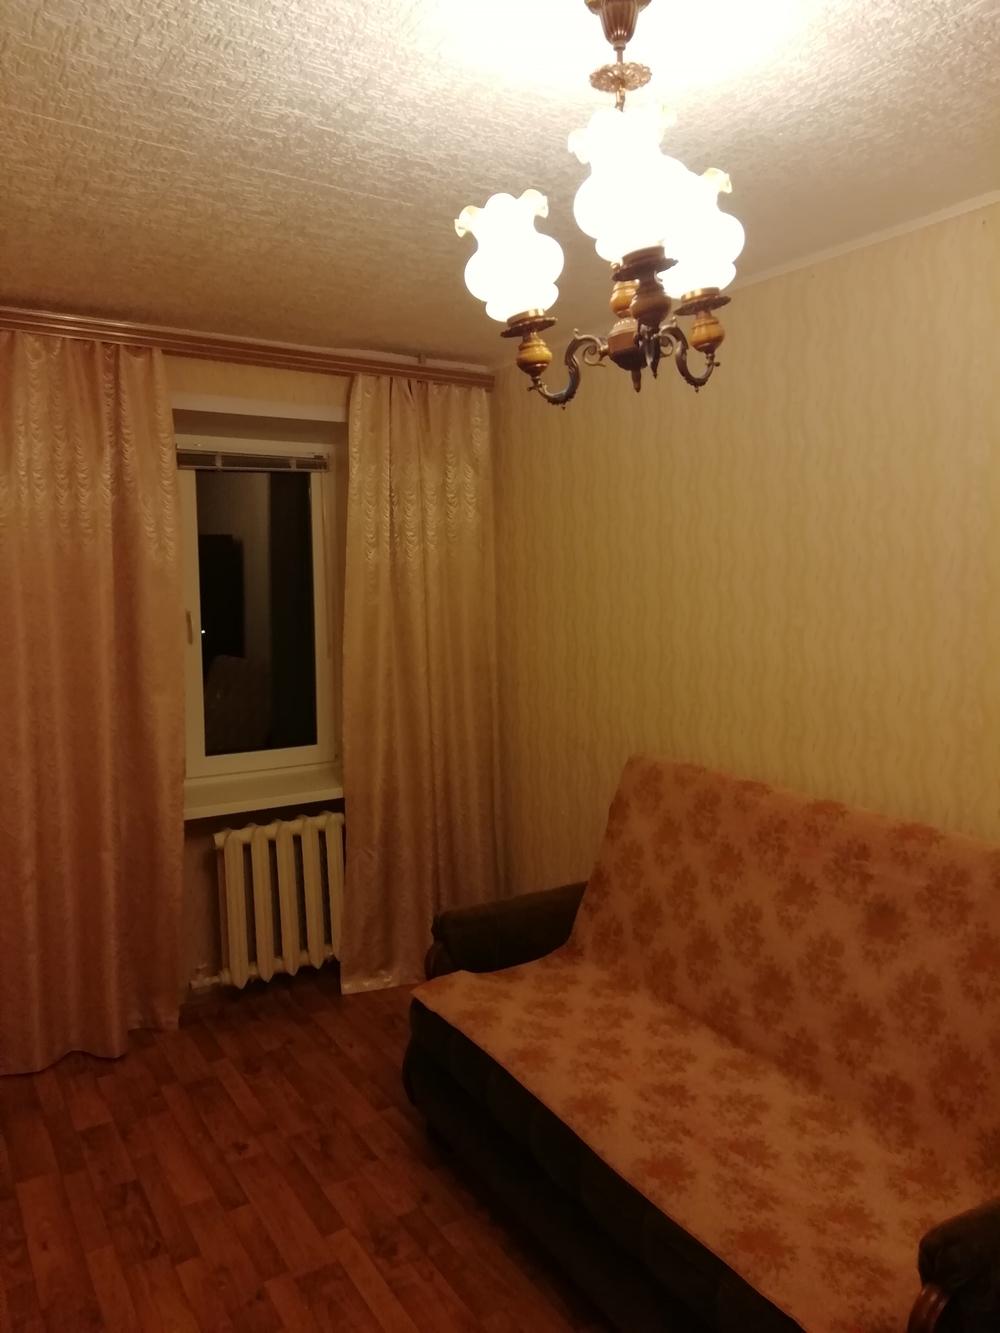 Продам 1 комнат[у,ы] в городе Саратов, на улице 5-й Соколовогорский, 2-этаж 5-этажного Кирпич дома, площадь: 11/11/9 м2